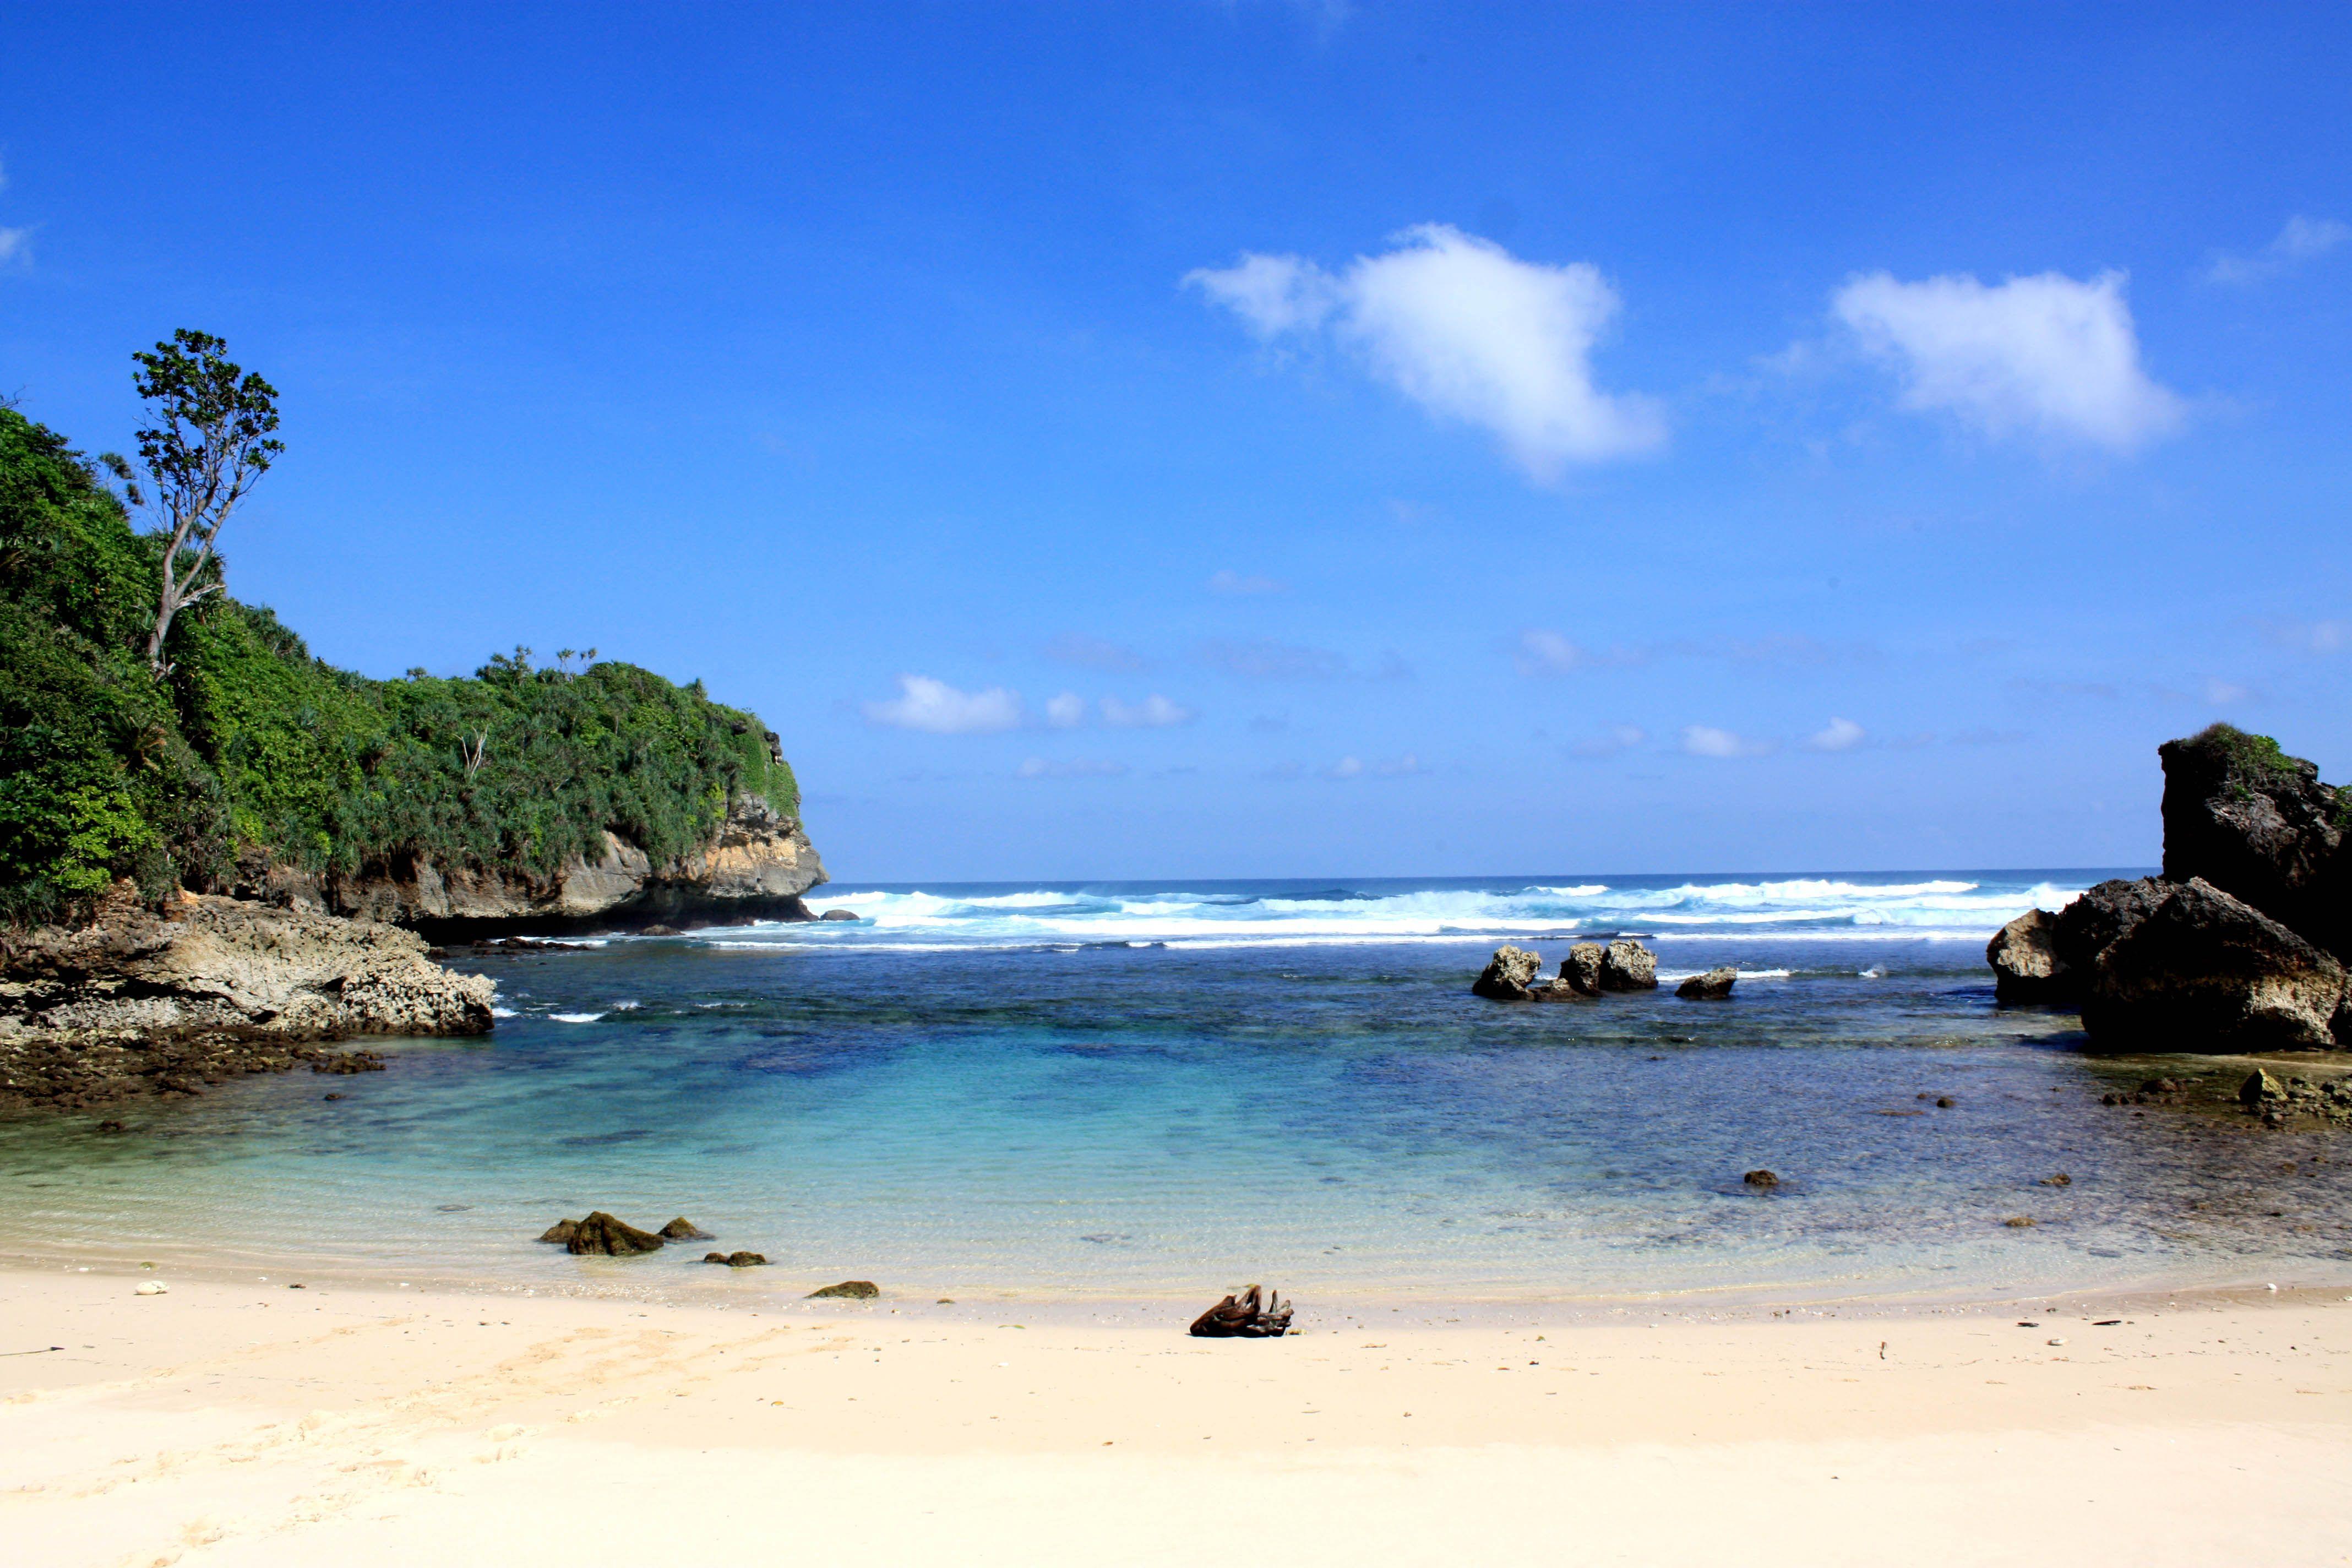 Goa Cina Beach, Malang-Indonesia